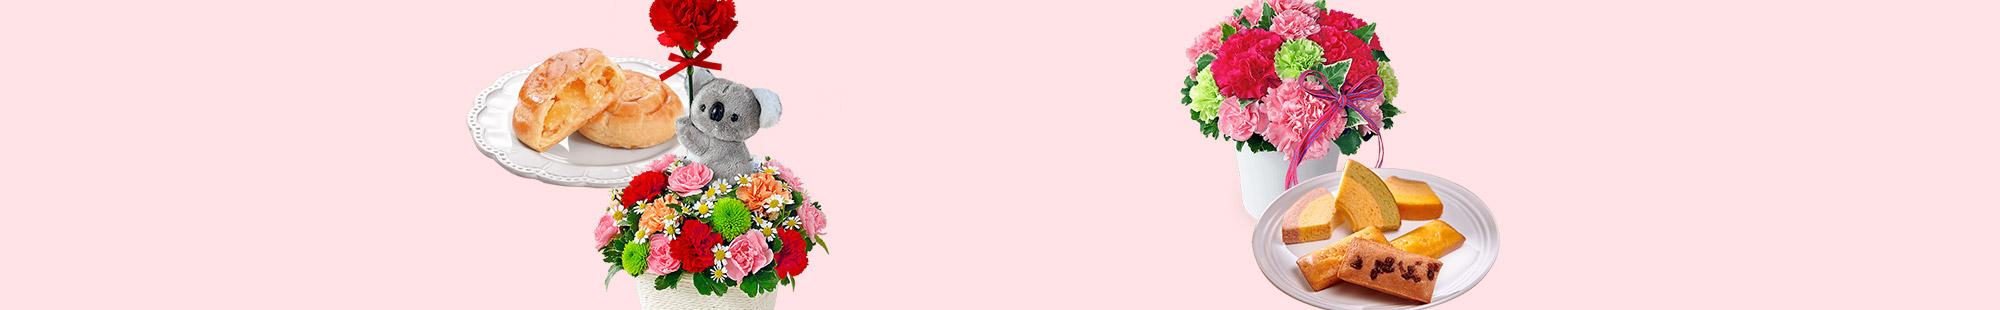 花キューピットの母の日 お花とスイーツ&グルメのセット特集 2020